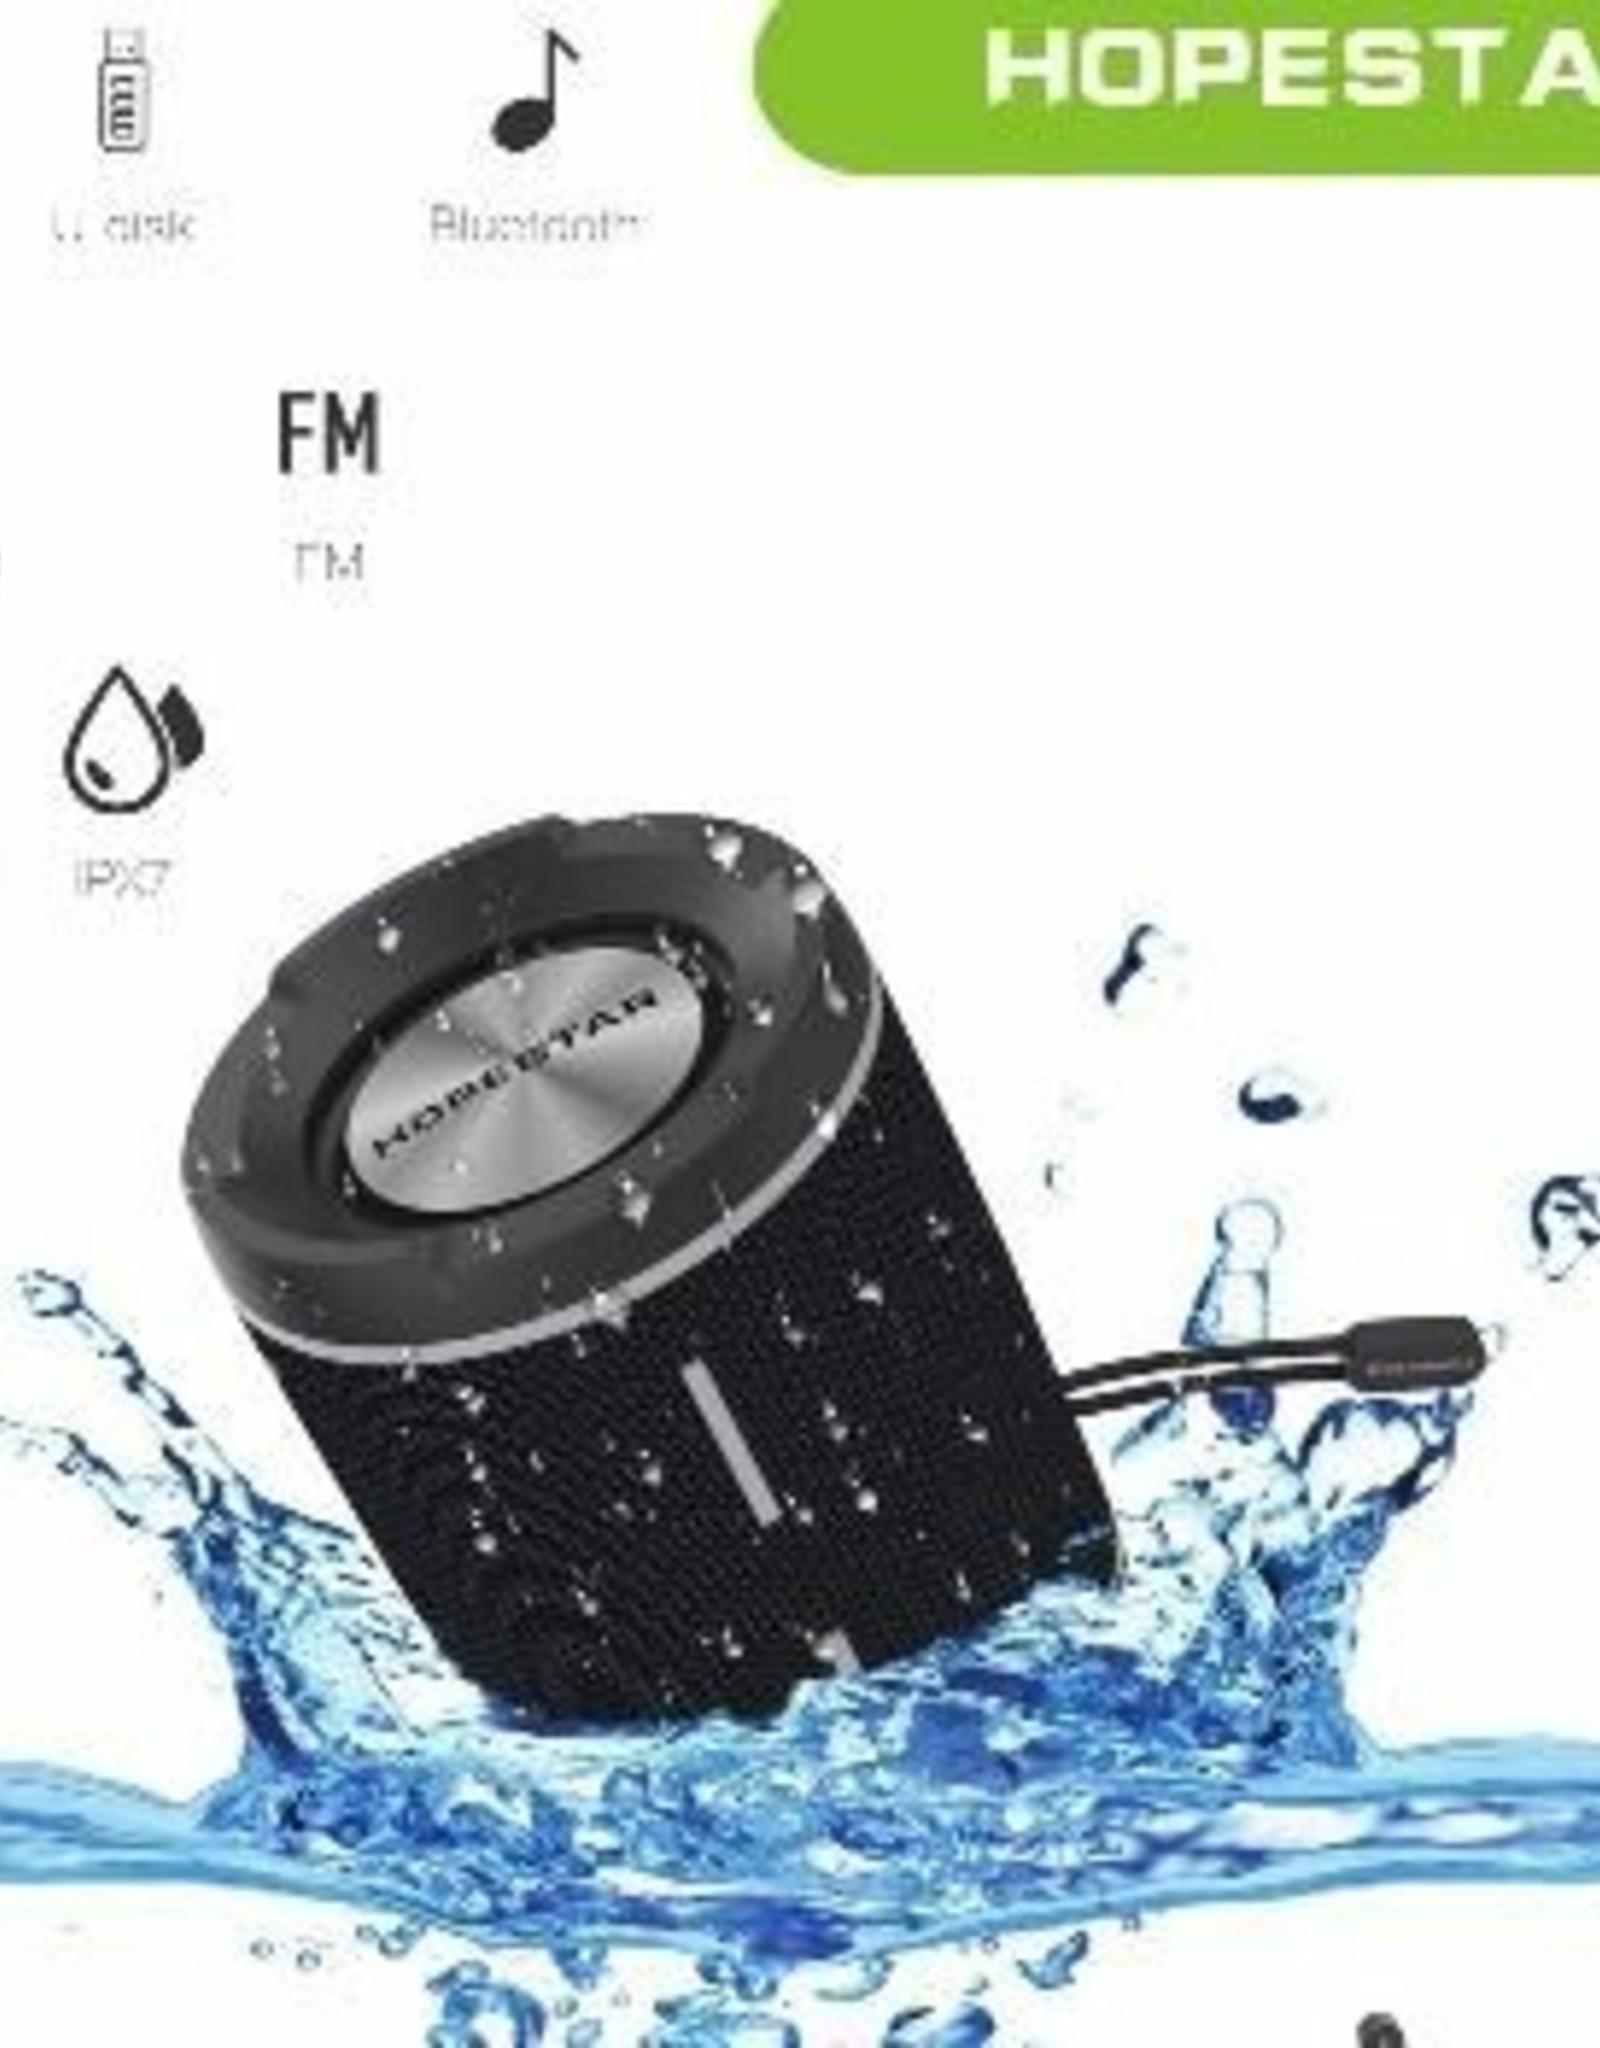 HopeStar HOPESTAR P1 Speaker